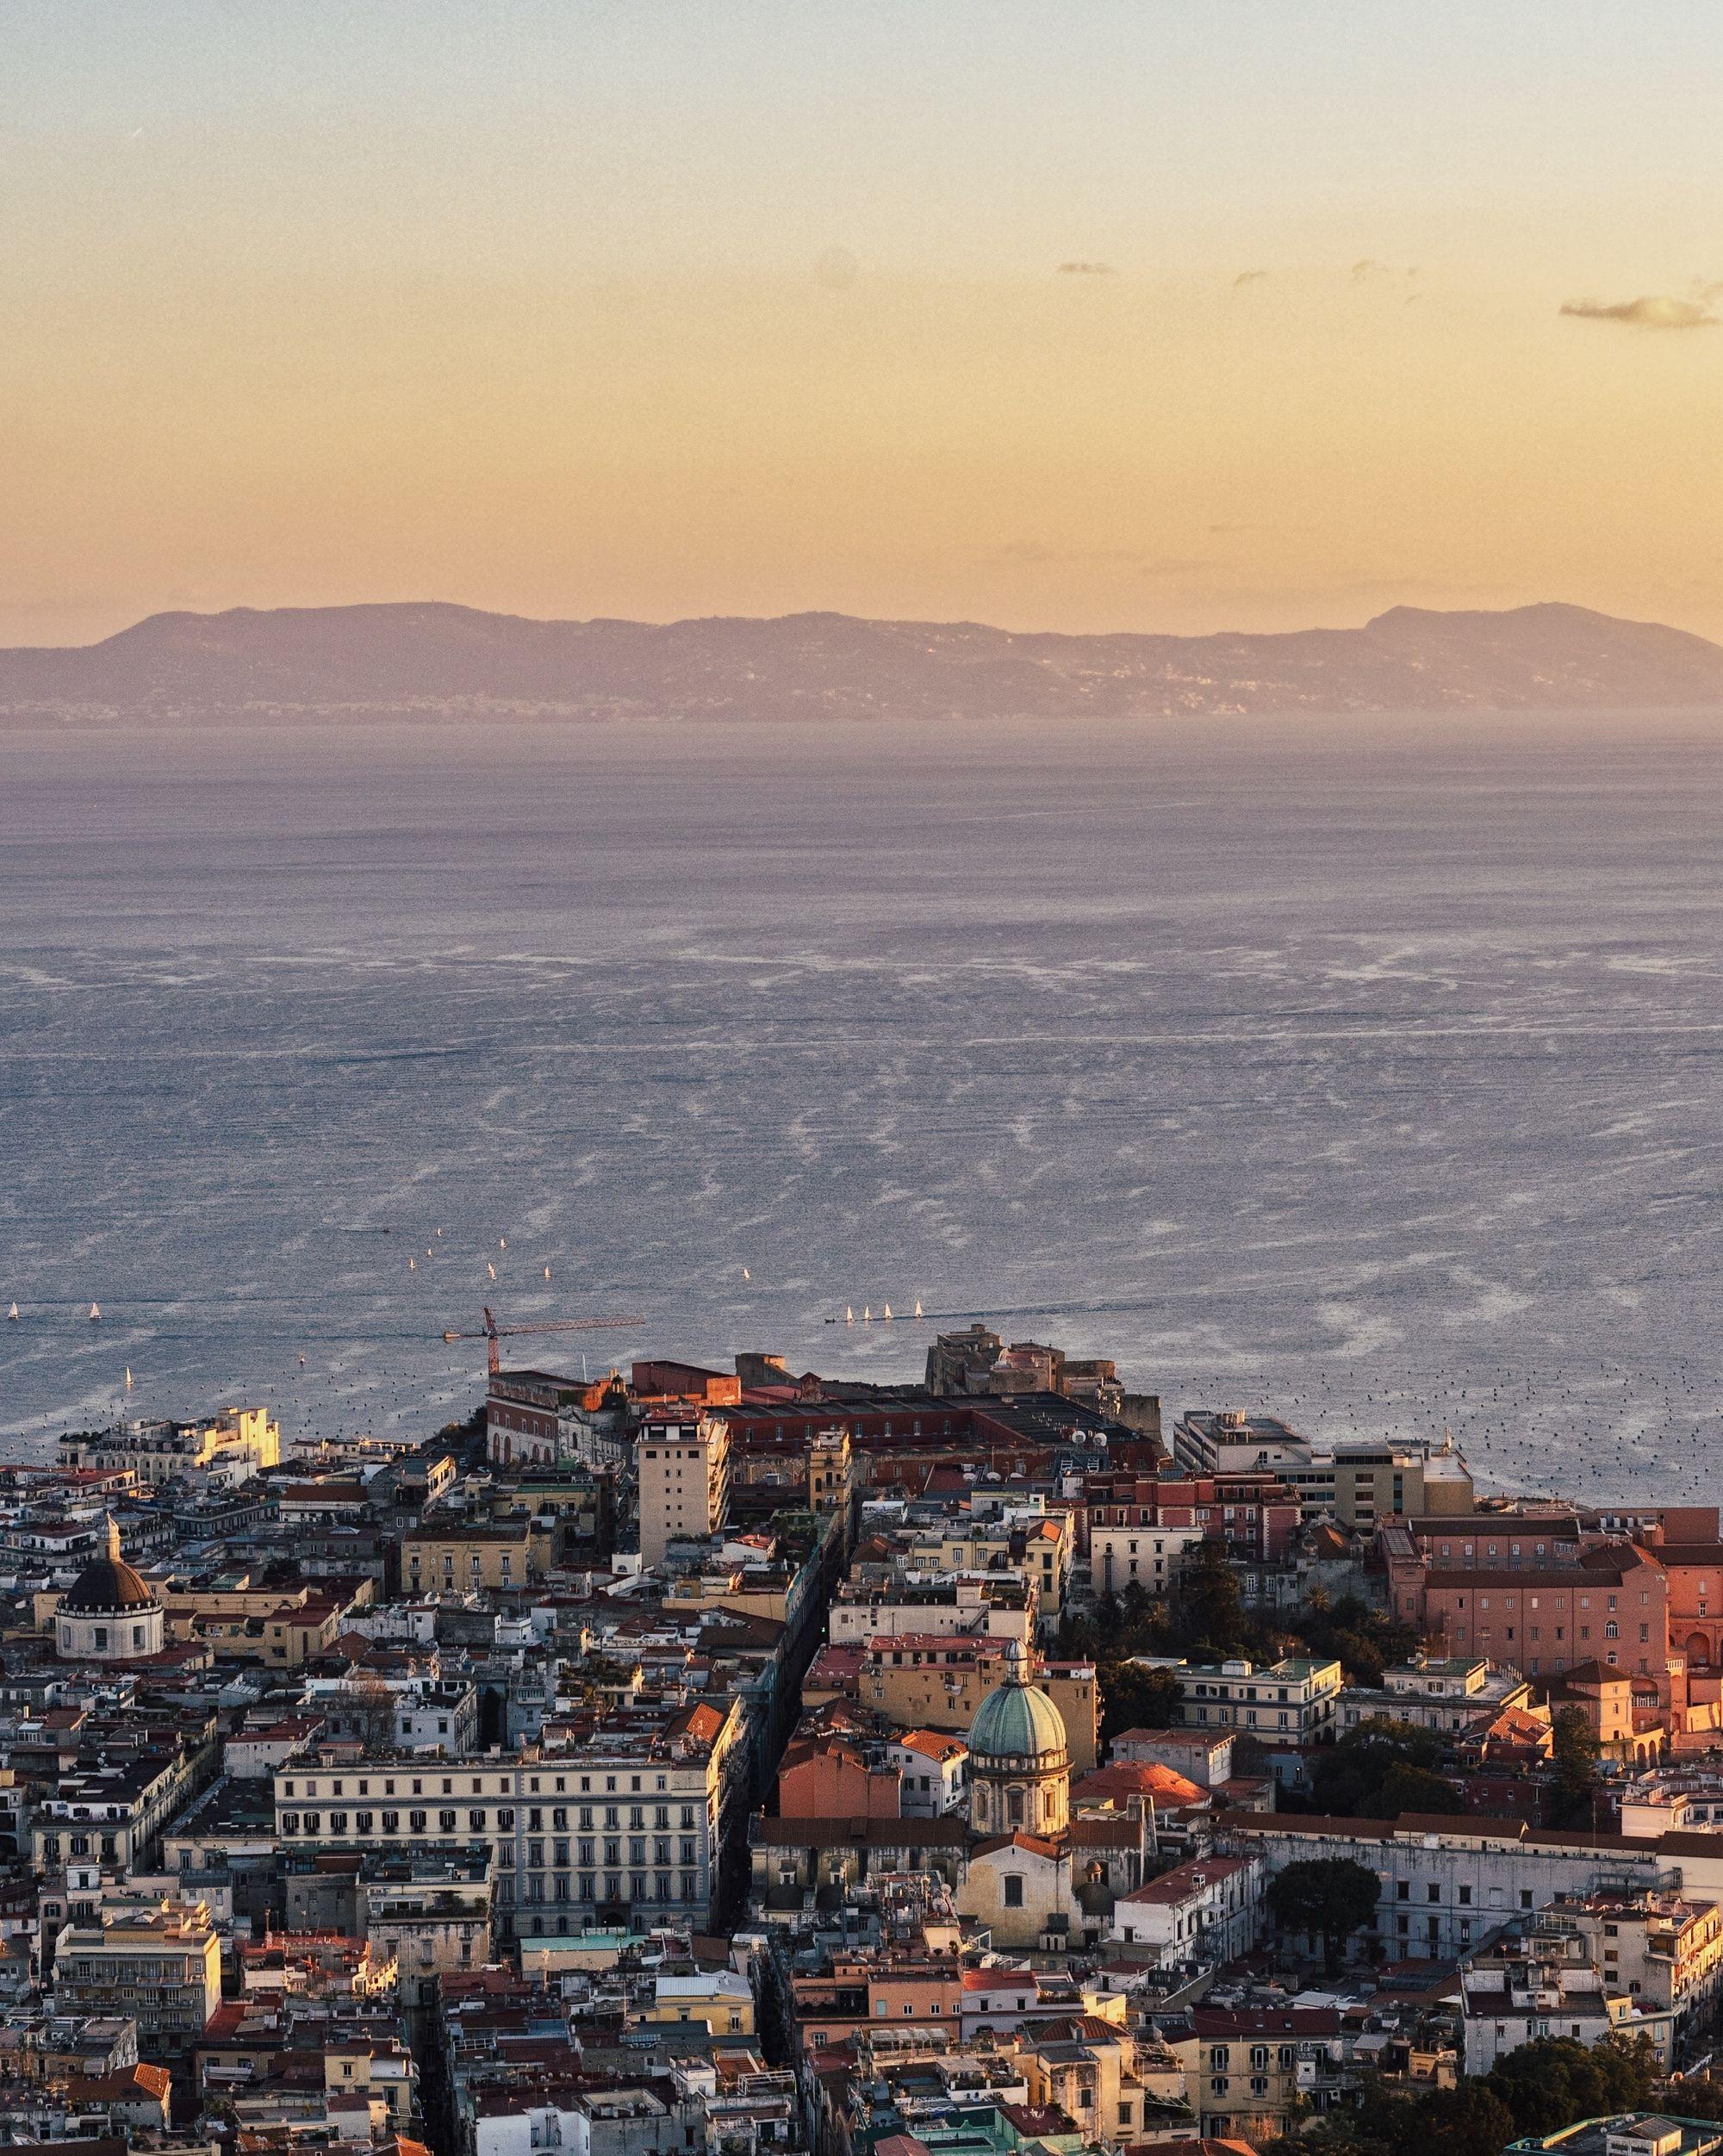 vue aérienne de la ville de Naples en Italie